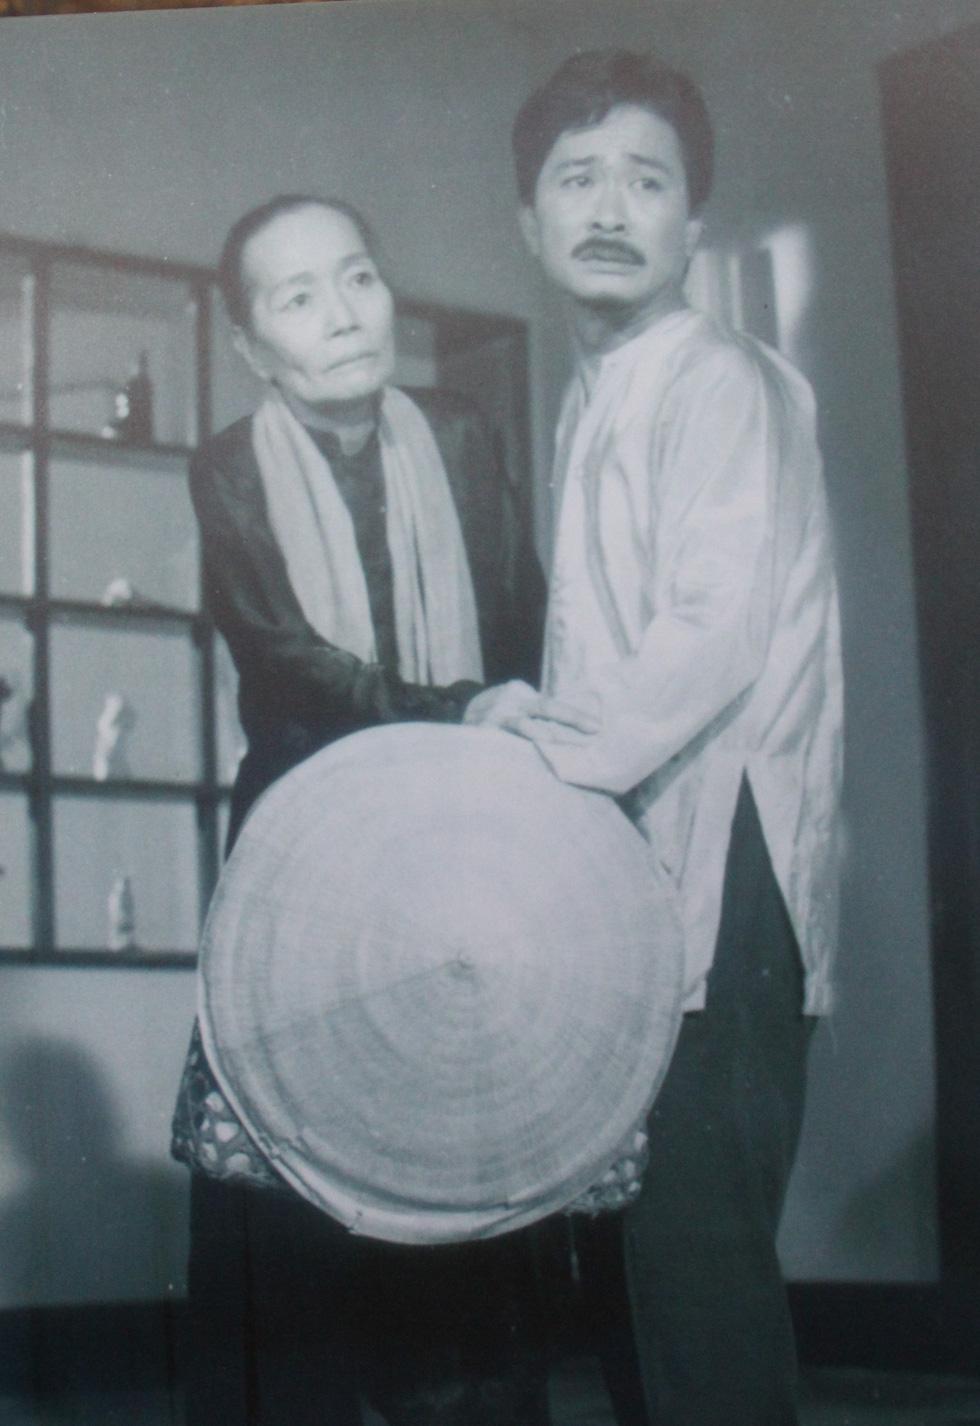 Trưng bày 100 bức ảnh về má Bảy Nam - Người mẹ trên sân khấu kịch nói Nam bộ - Ảnh 6.